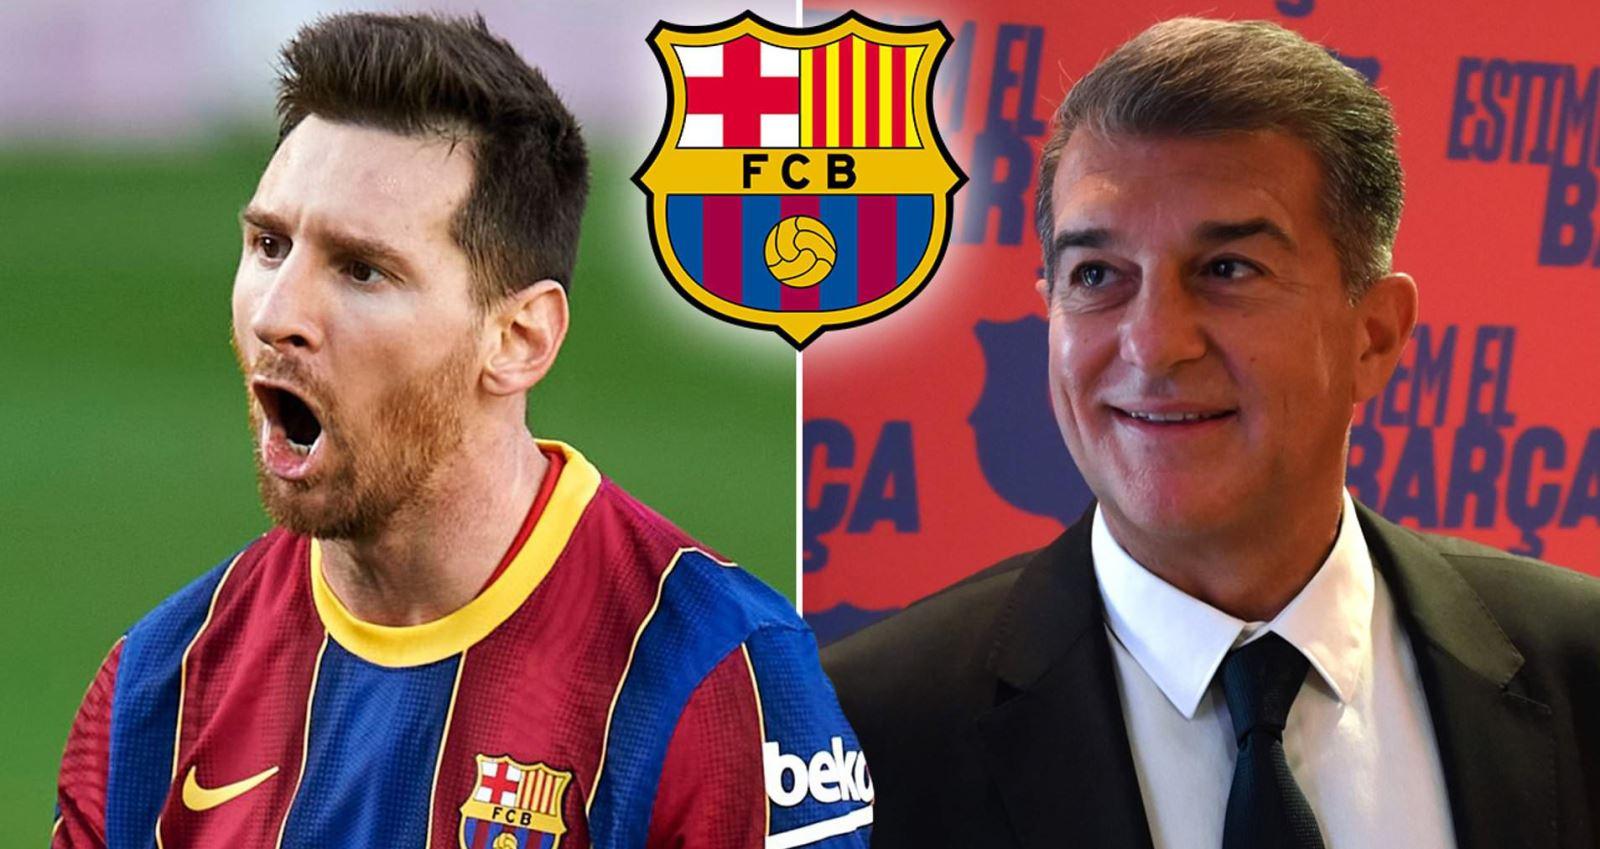 MU, manchester united, bóng đá, bong da, lịch thi đấu, Gareth Bale, Messi, bruno fernandes, trực tiếp bóng đá